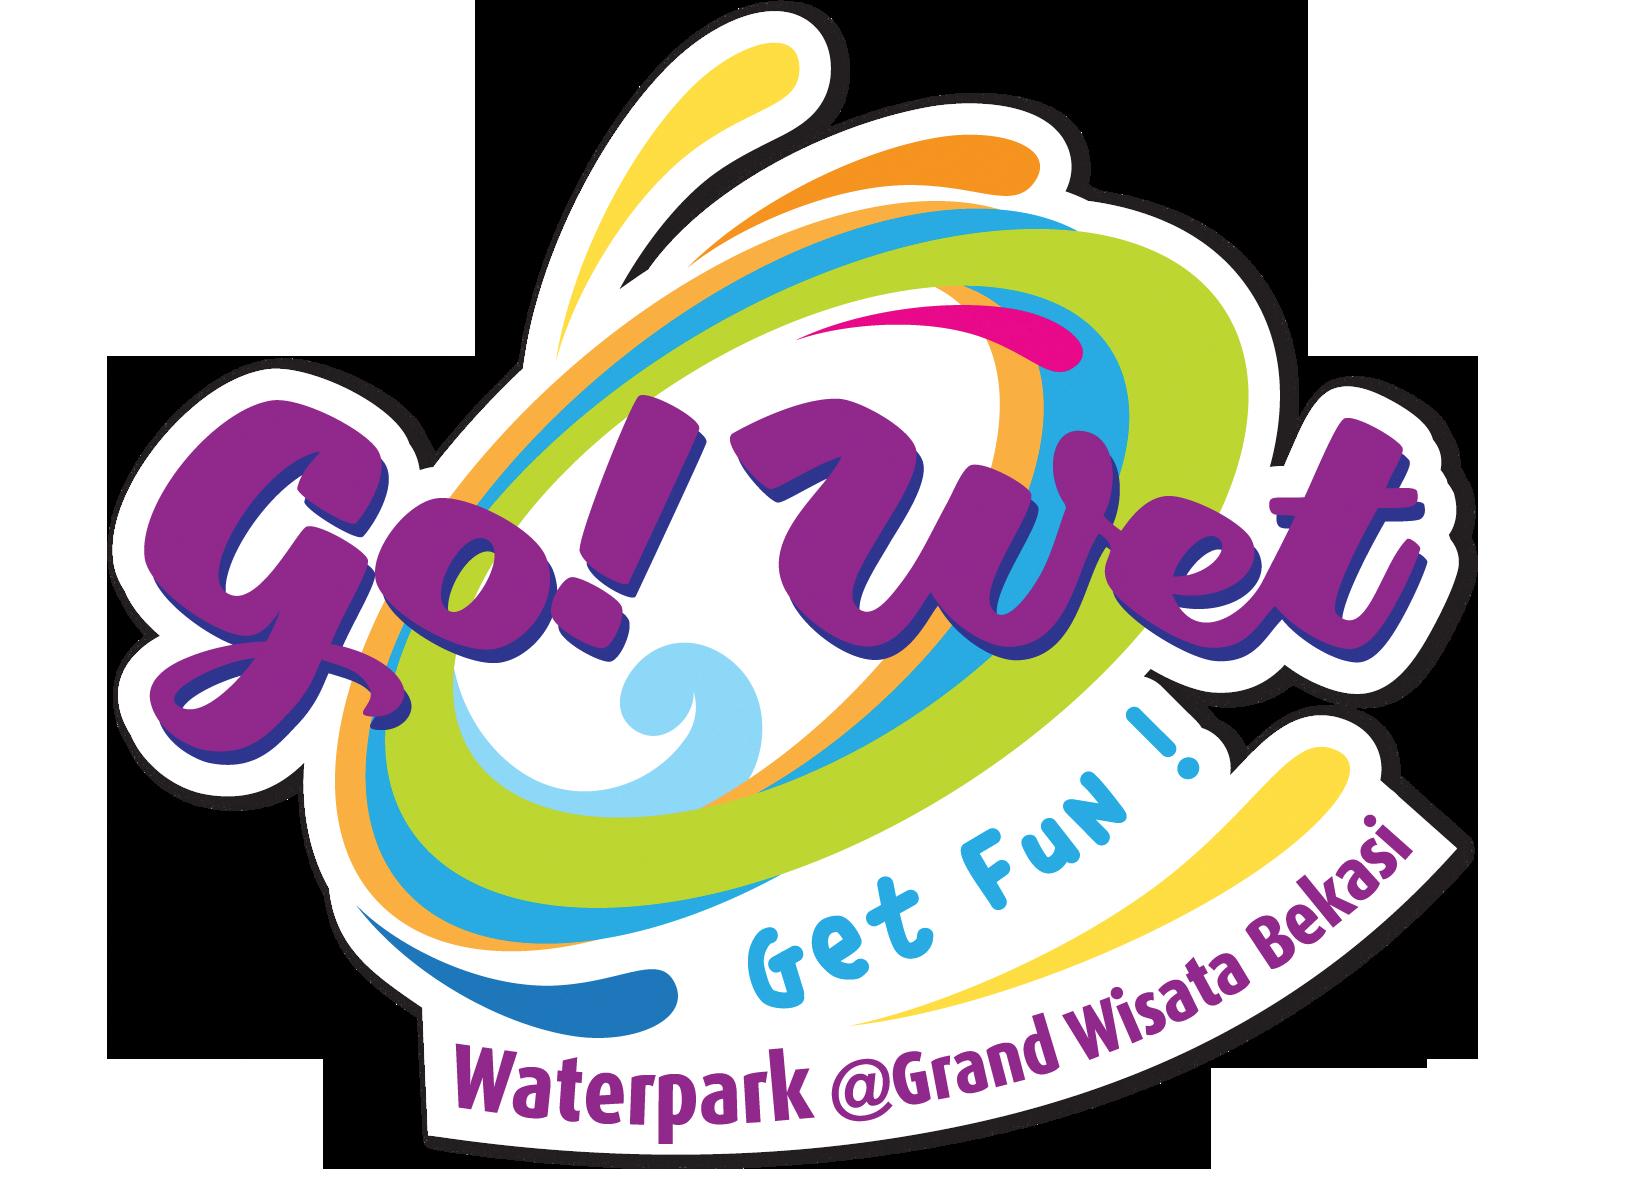 G o wet - ayunafamily.com